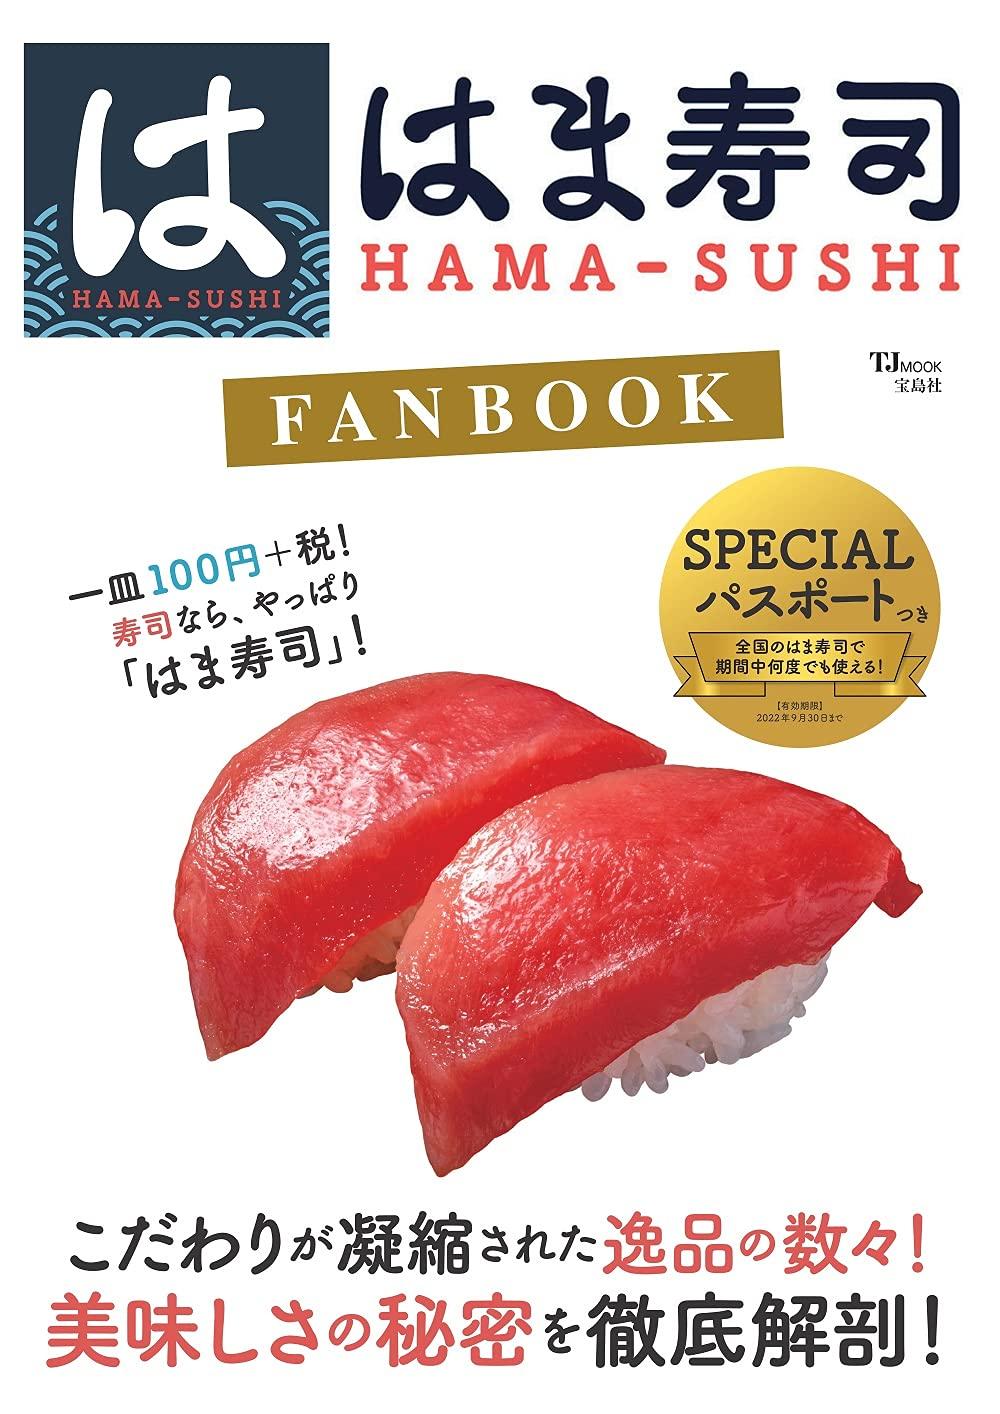 はま寿司 FAN BOOK 9月28日 発売【ムック本付録】期間中何度でも使えるスペシャルパスポート